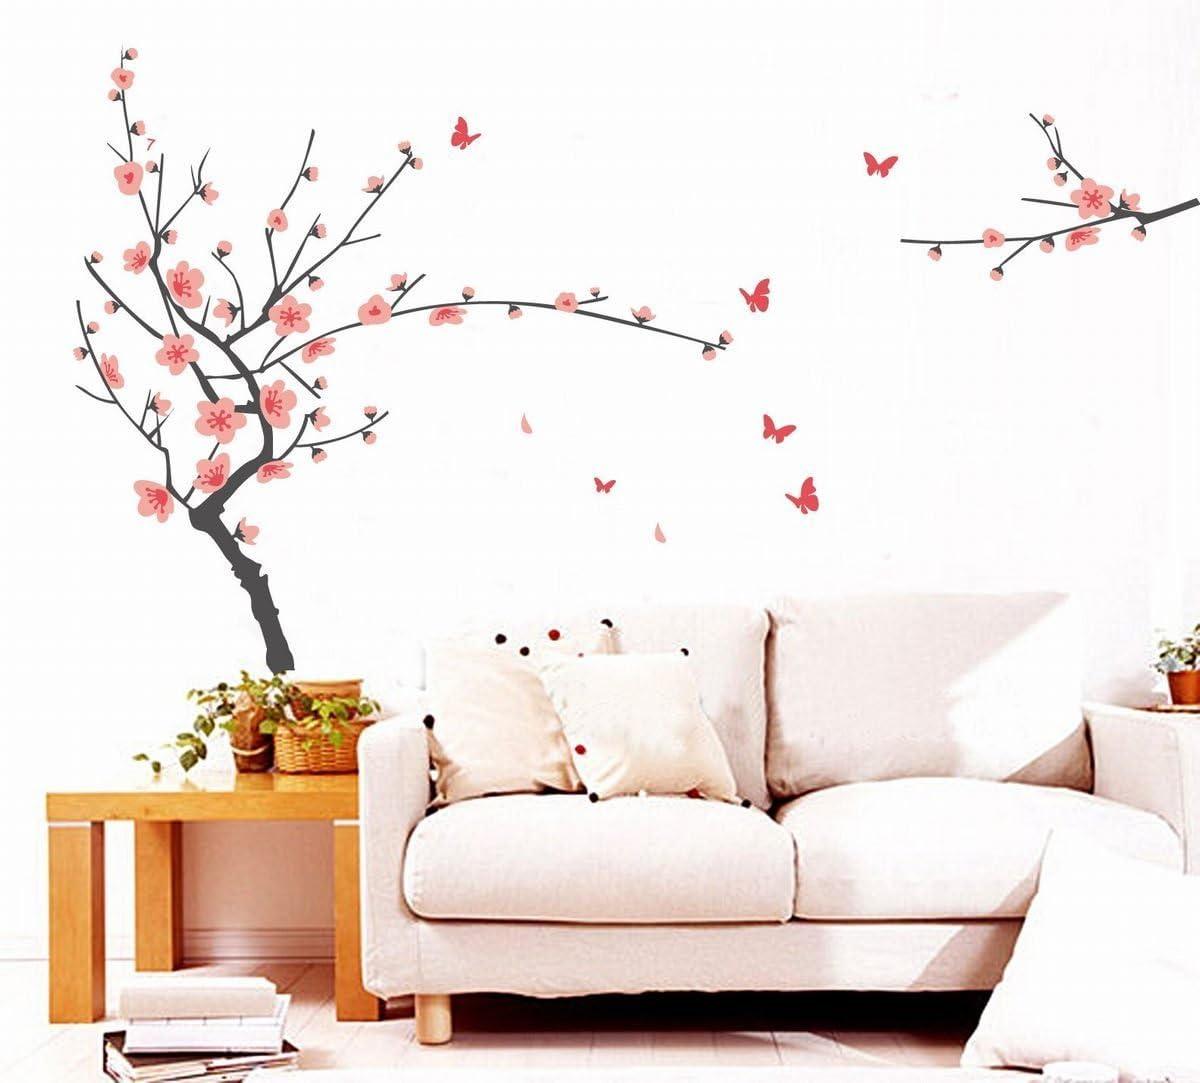 WOVELOT Pegatina de Decoracion de Pared Desmontable de Vinilo Mariposa arbol de Ramas de Flor del Melocoton Rosado